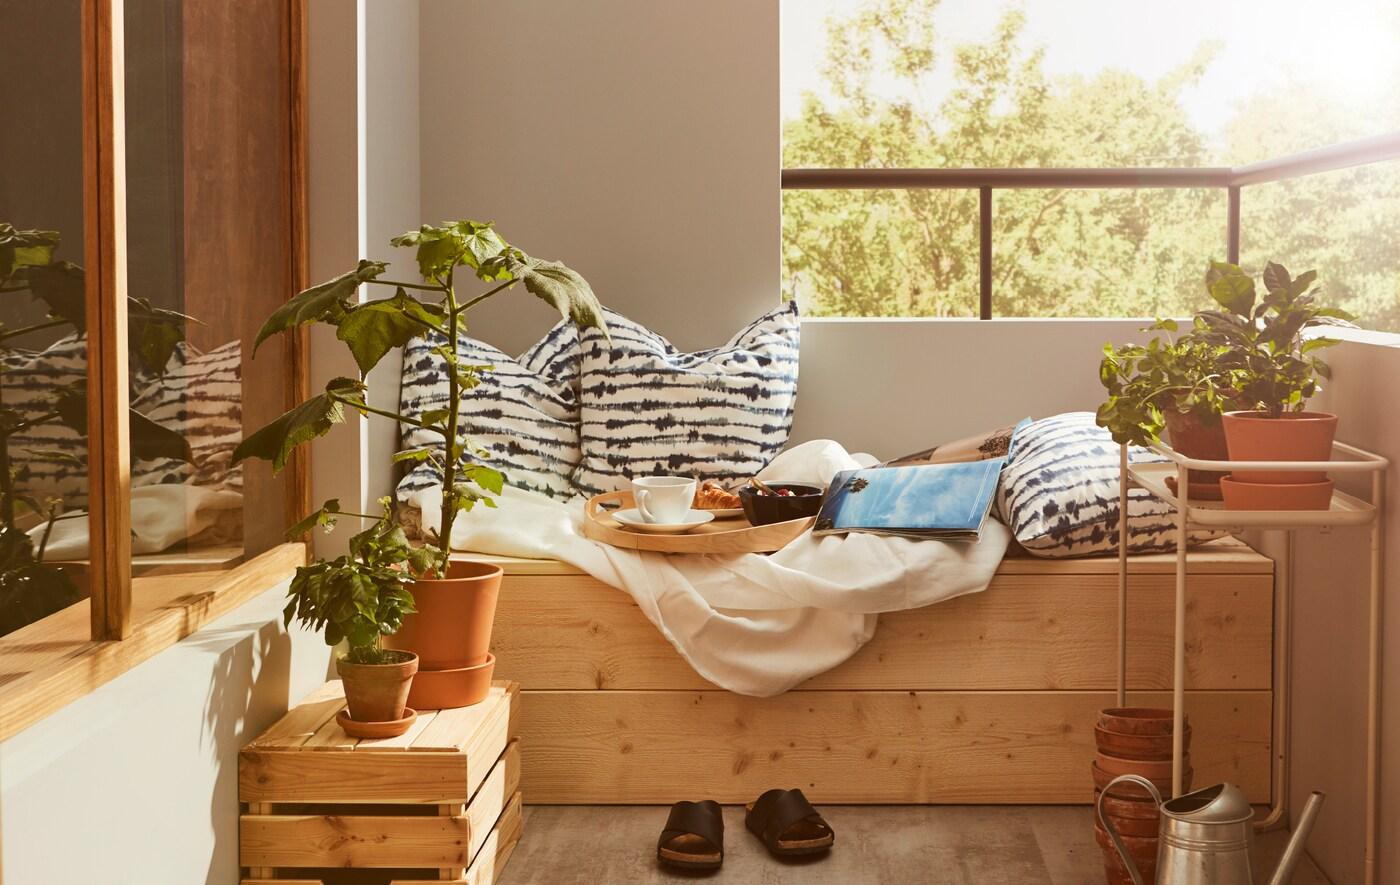 Kącik na balkonie z drewnianą ławką, na której leżą poduszki, pościel i taca ze skromnym śniadaniem.